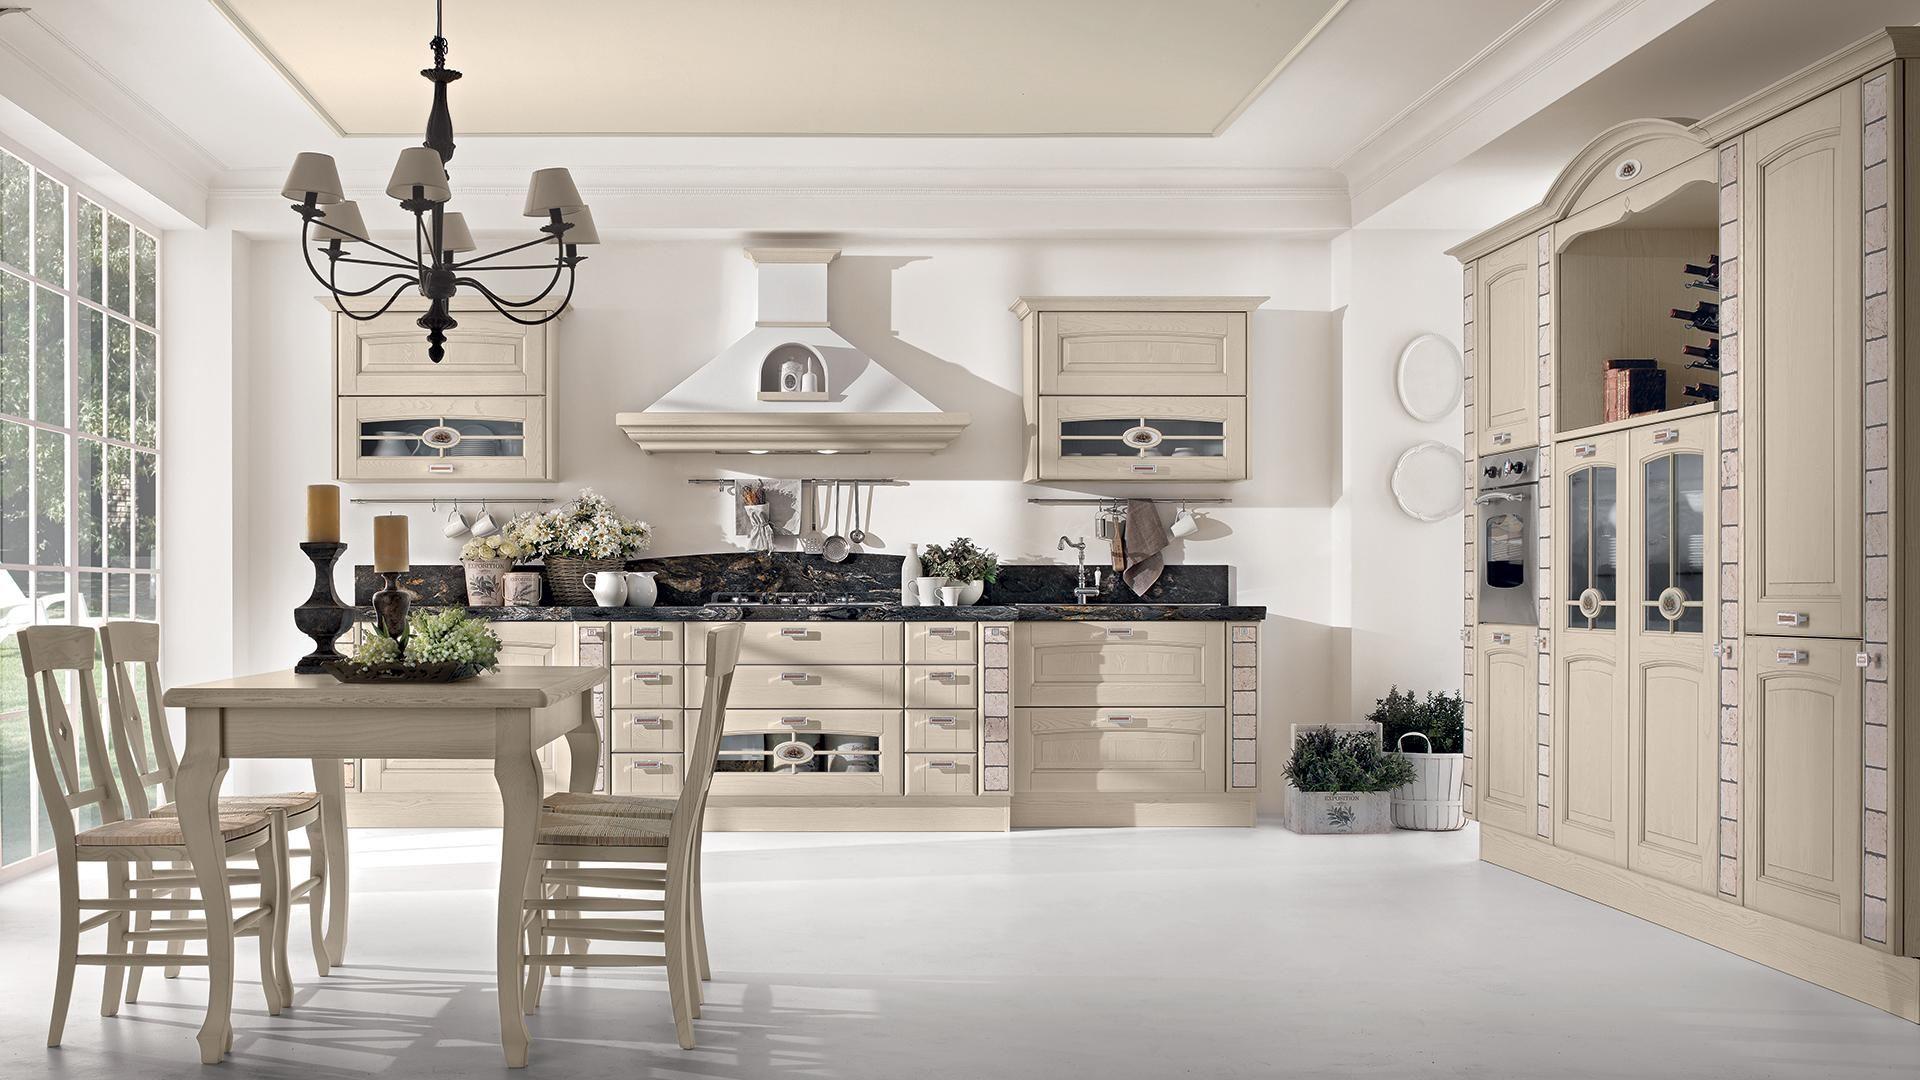 Veronica - Cucine Classiche - Cucine Lube | for my new kitchen ...